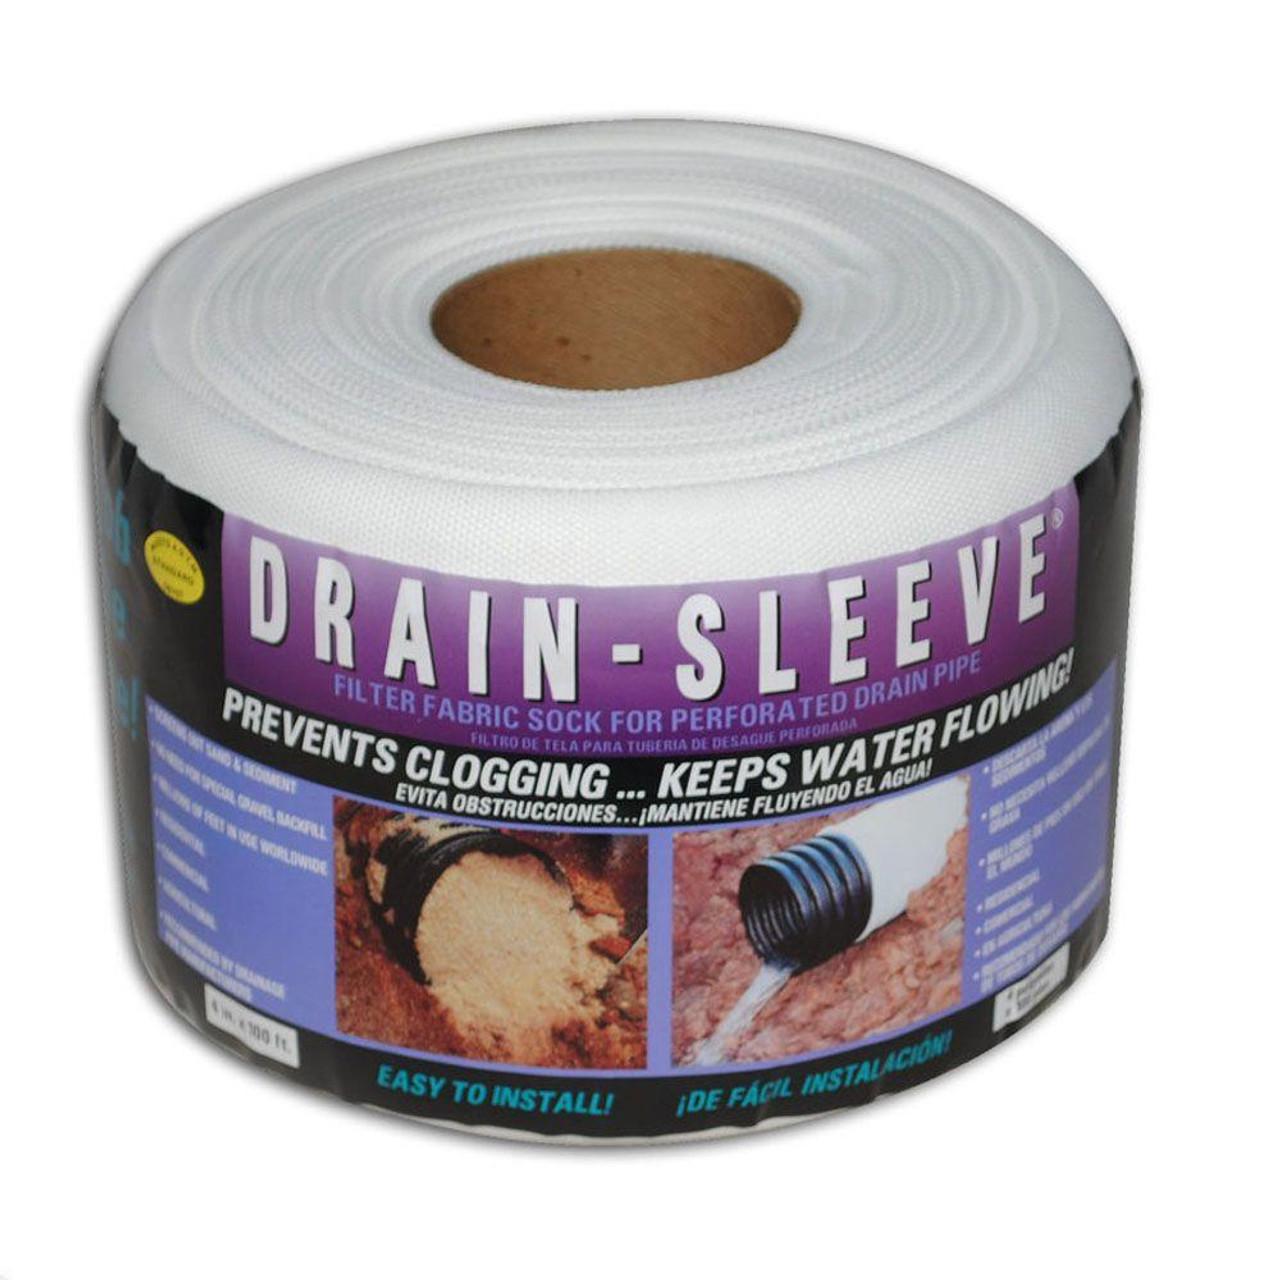 6 x 100 white drain sleeve filter sock